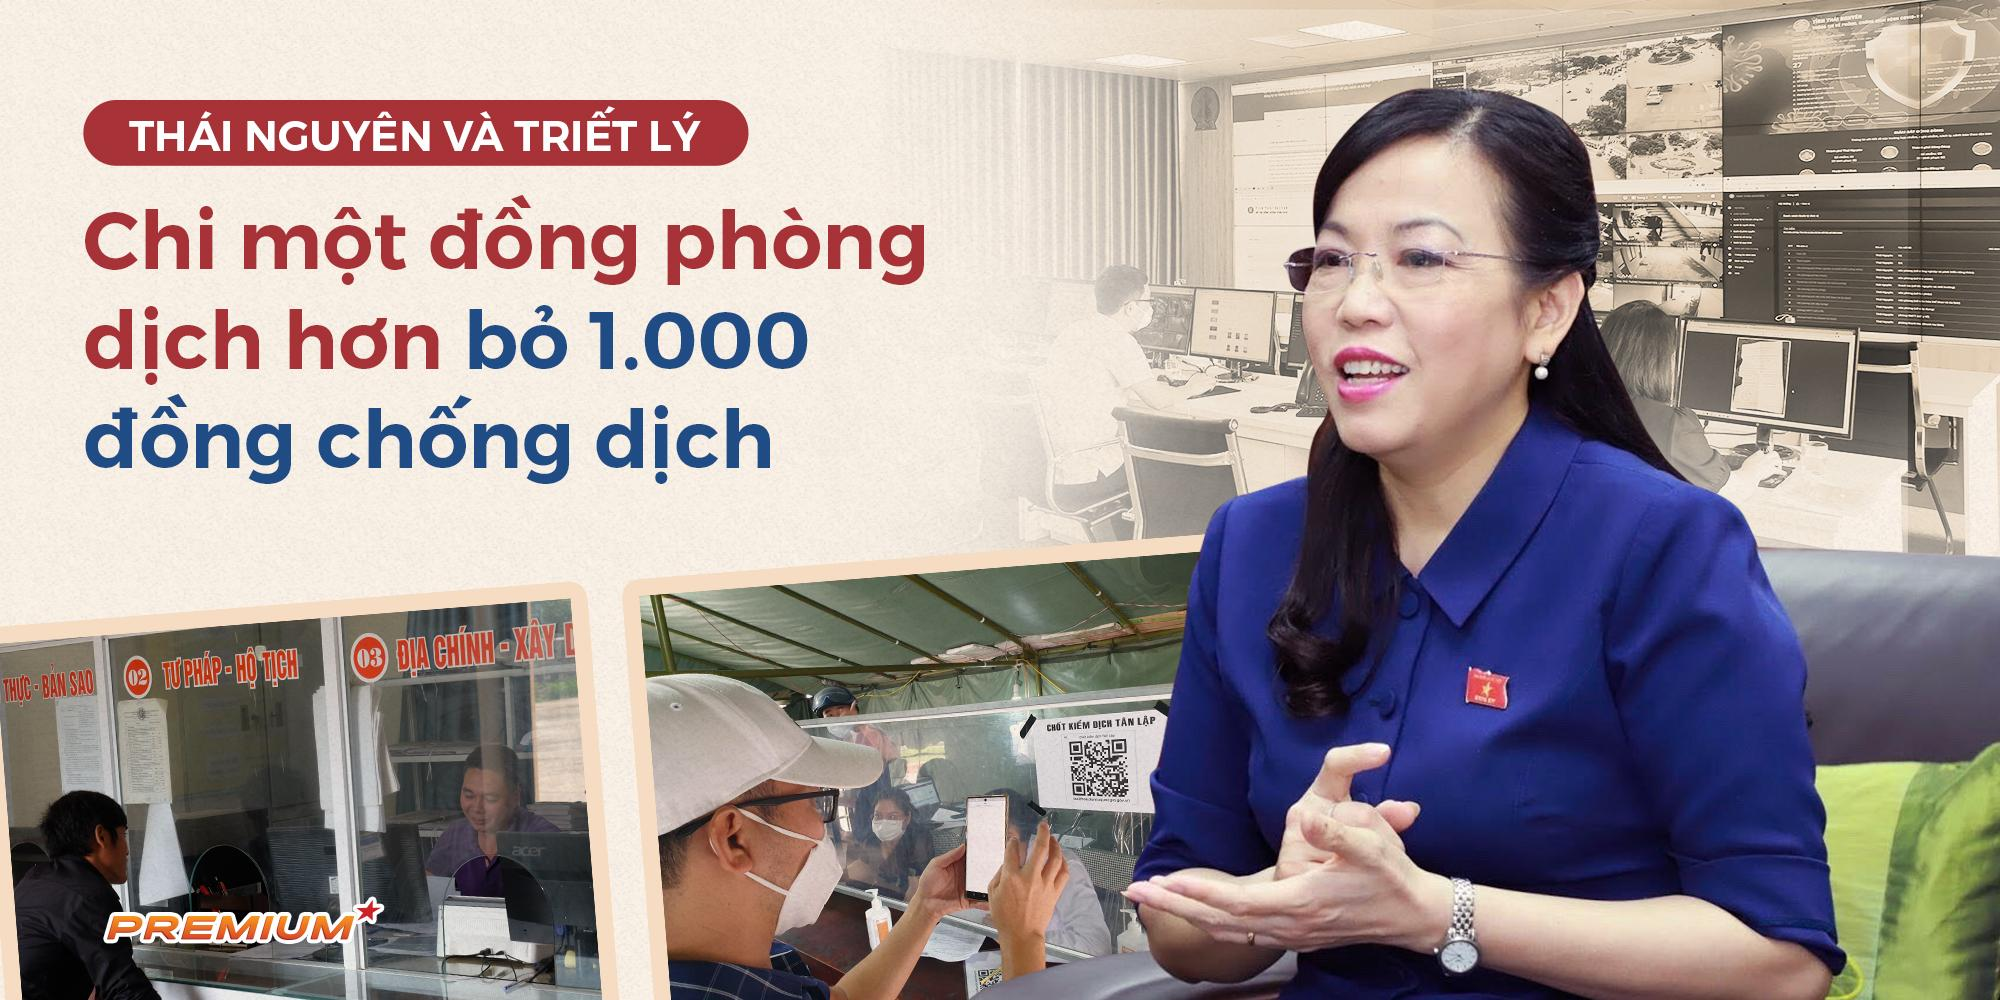 Thái Nguyên và triết lý chi một đồng phòng dịch hơn bỏ 1.000đồng chống dịch